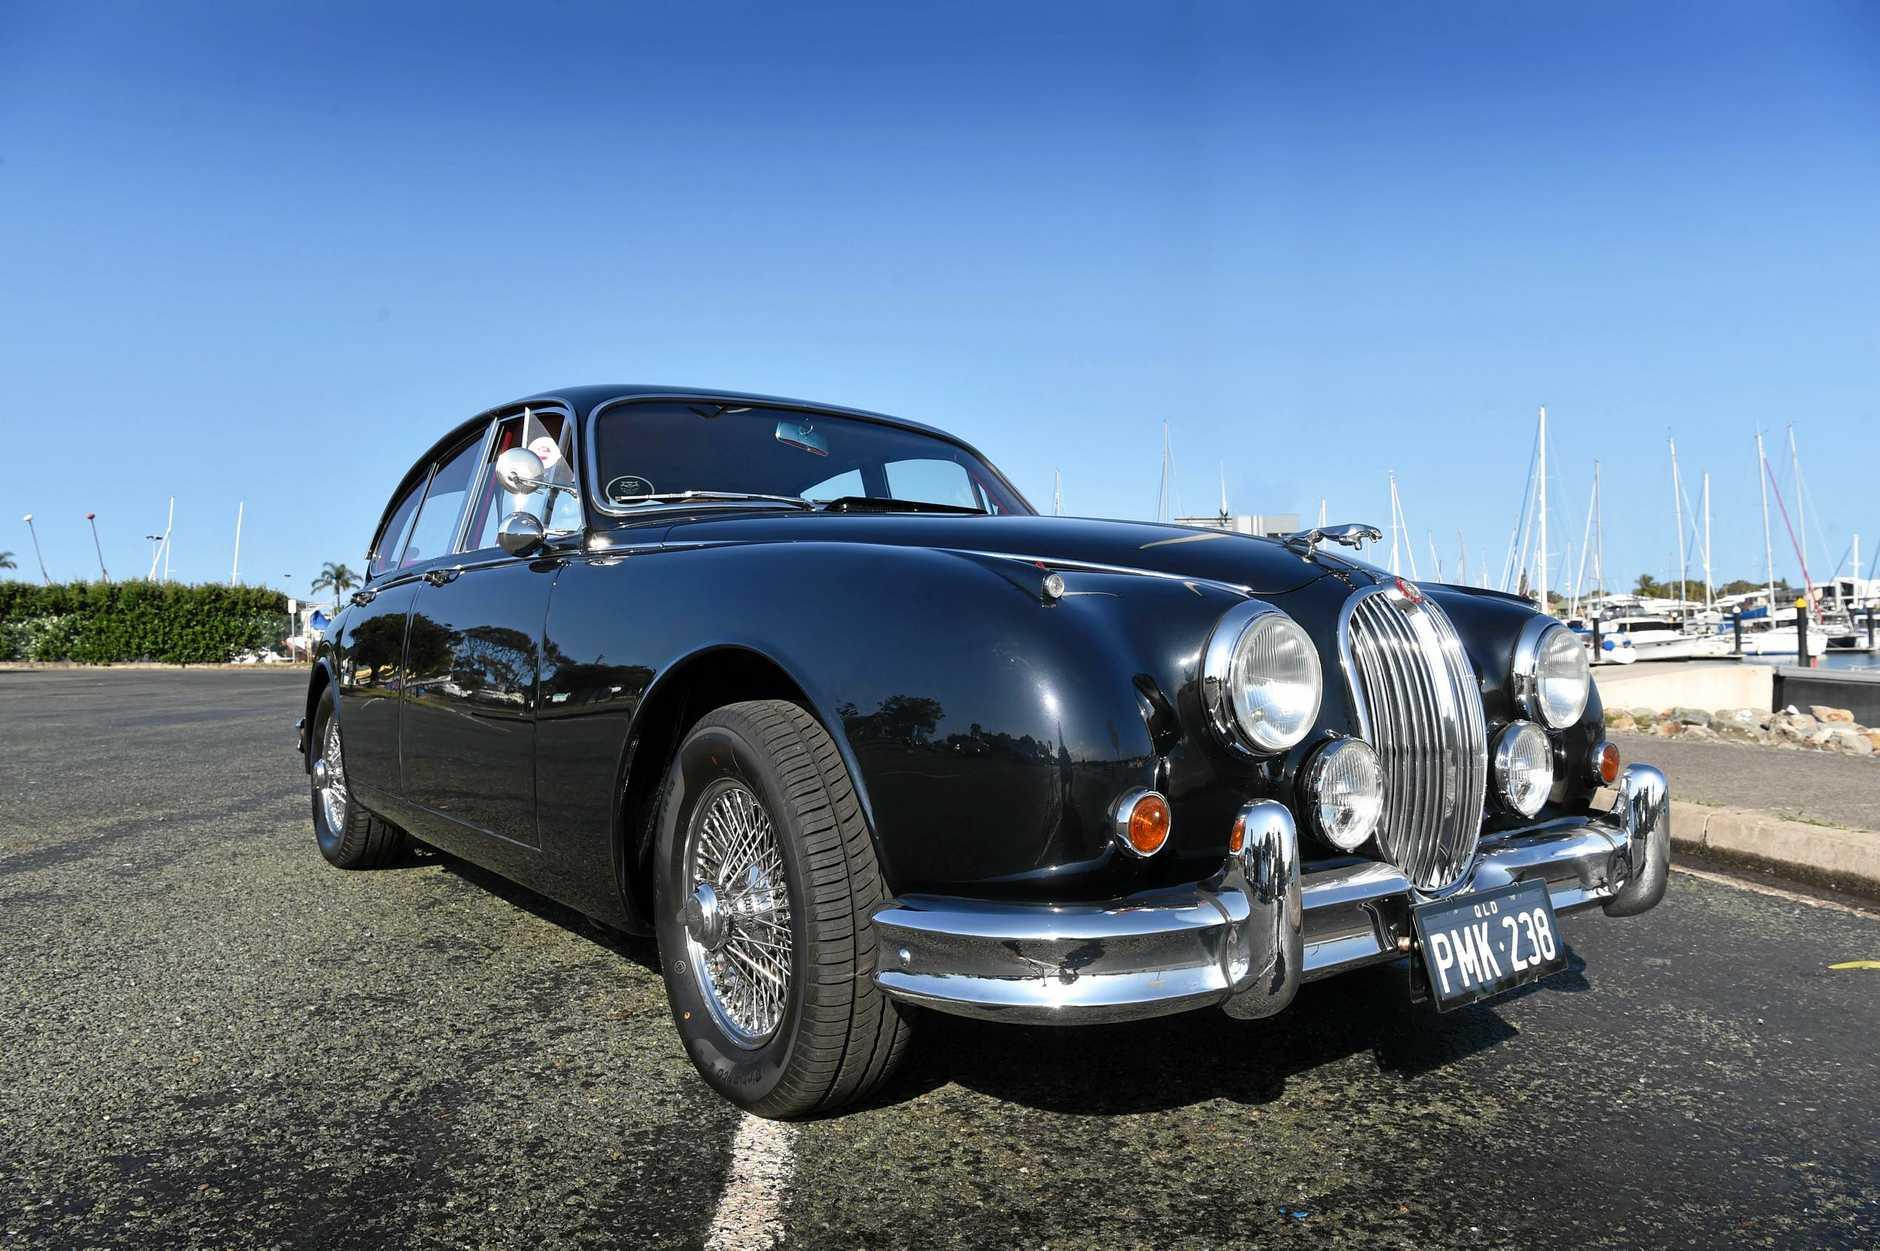 Peter Lehrke drives a 1962 Jaguar Mk2 3.8l 6 cyclinder.